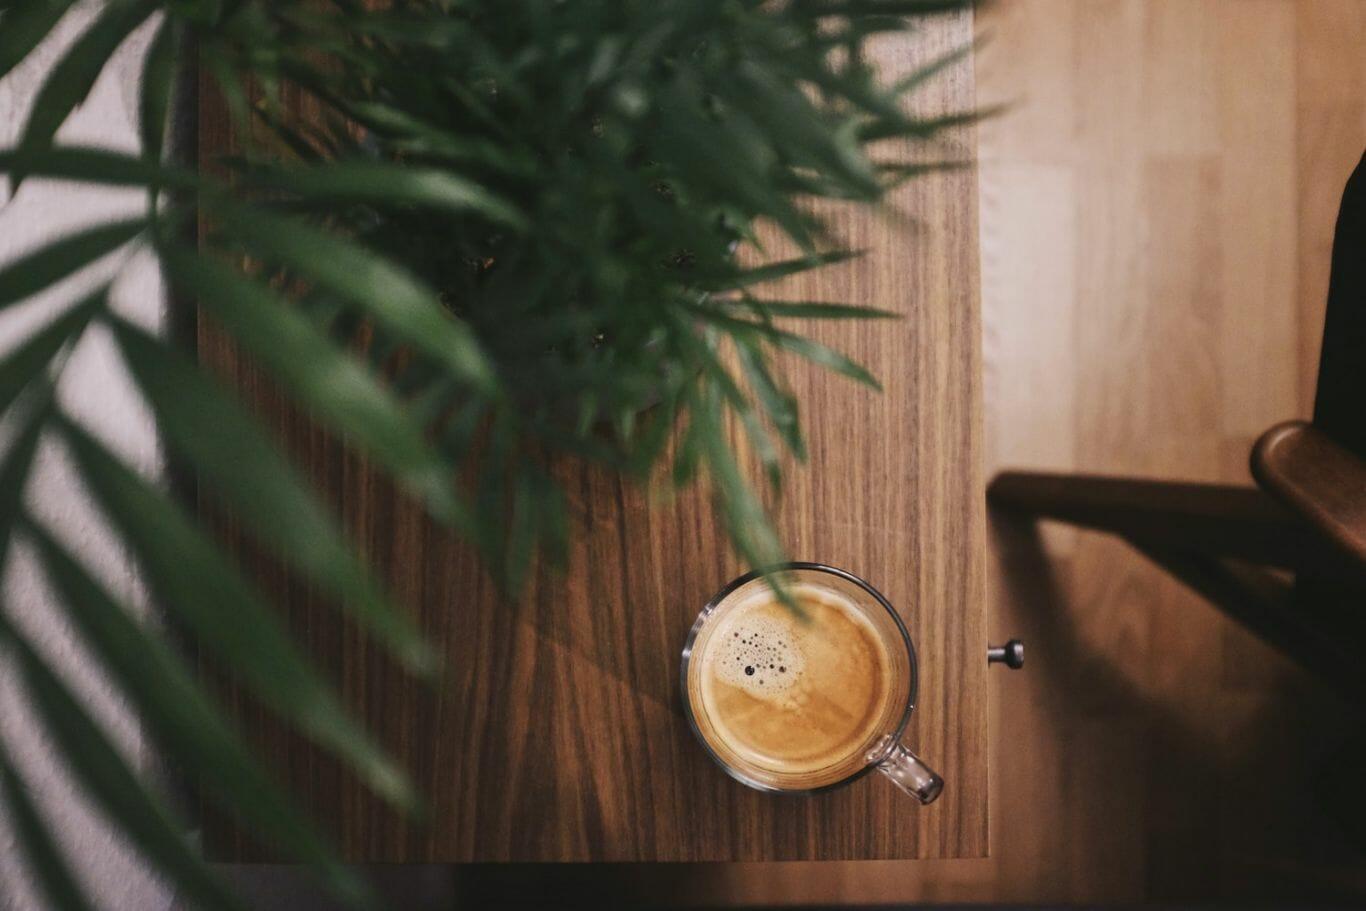 Xícara de café expresso sobre uma mesa de madeira